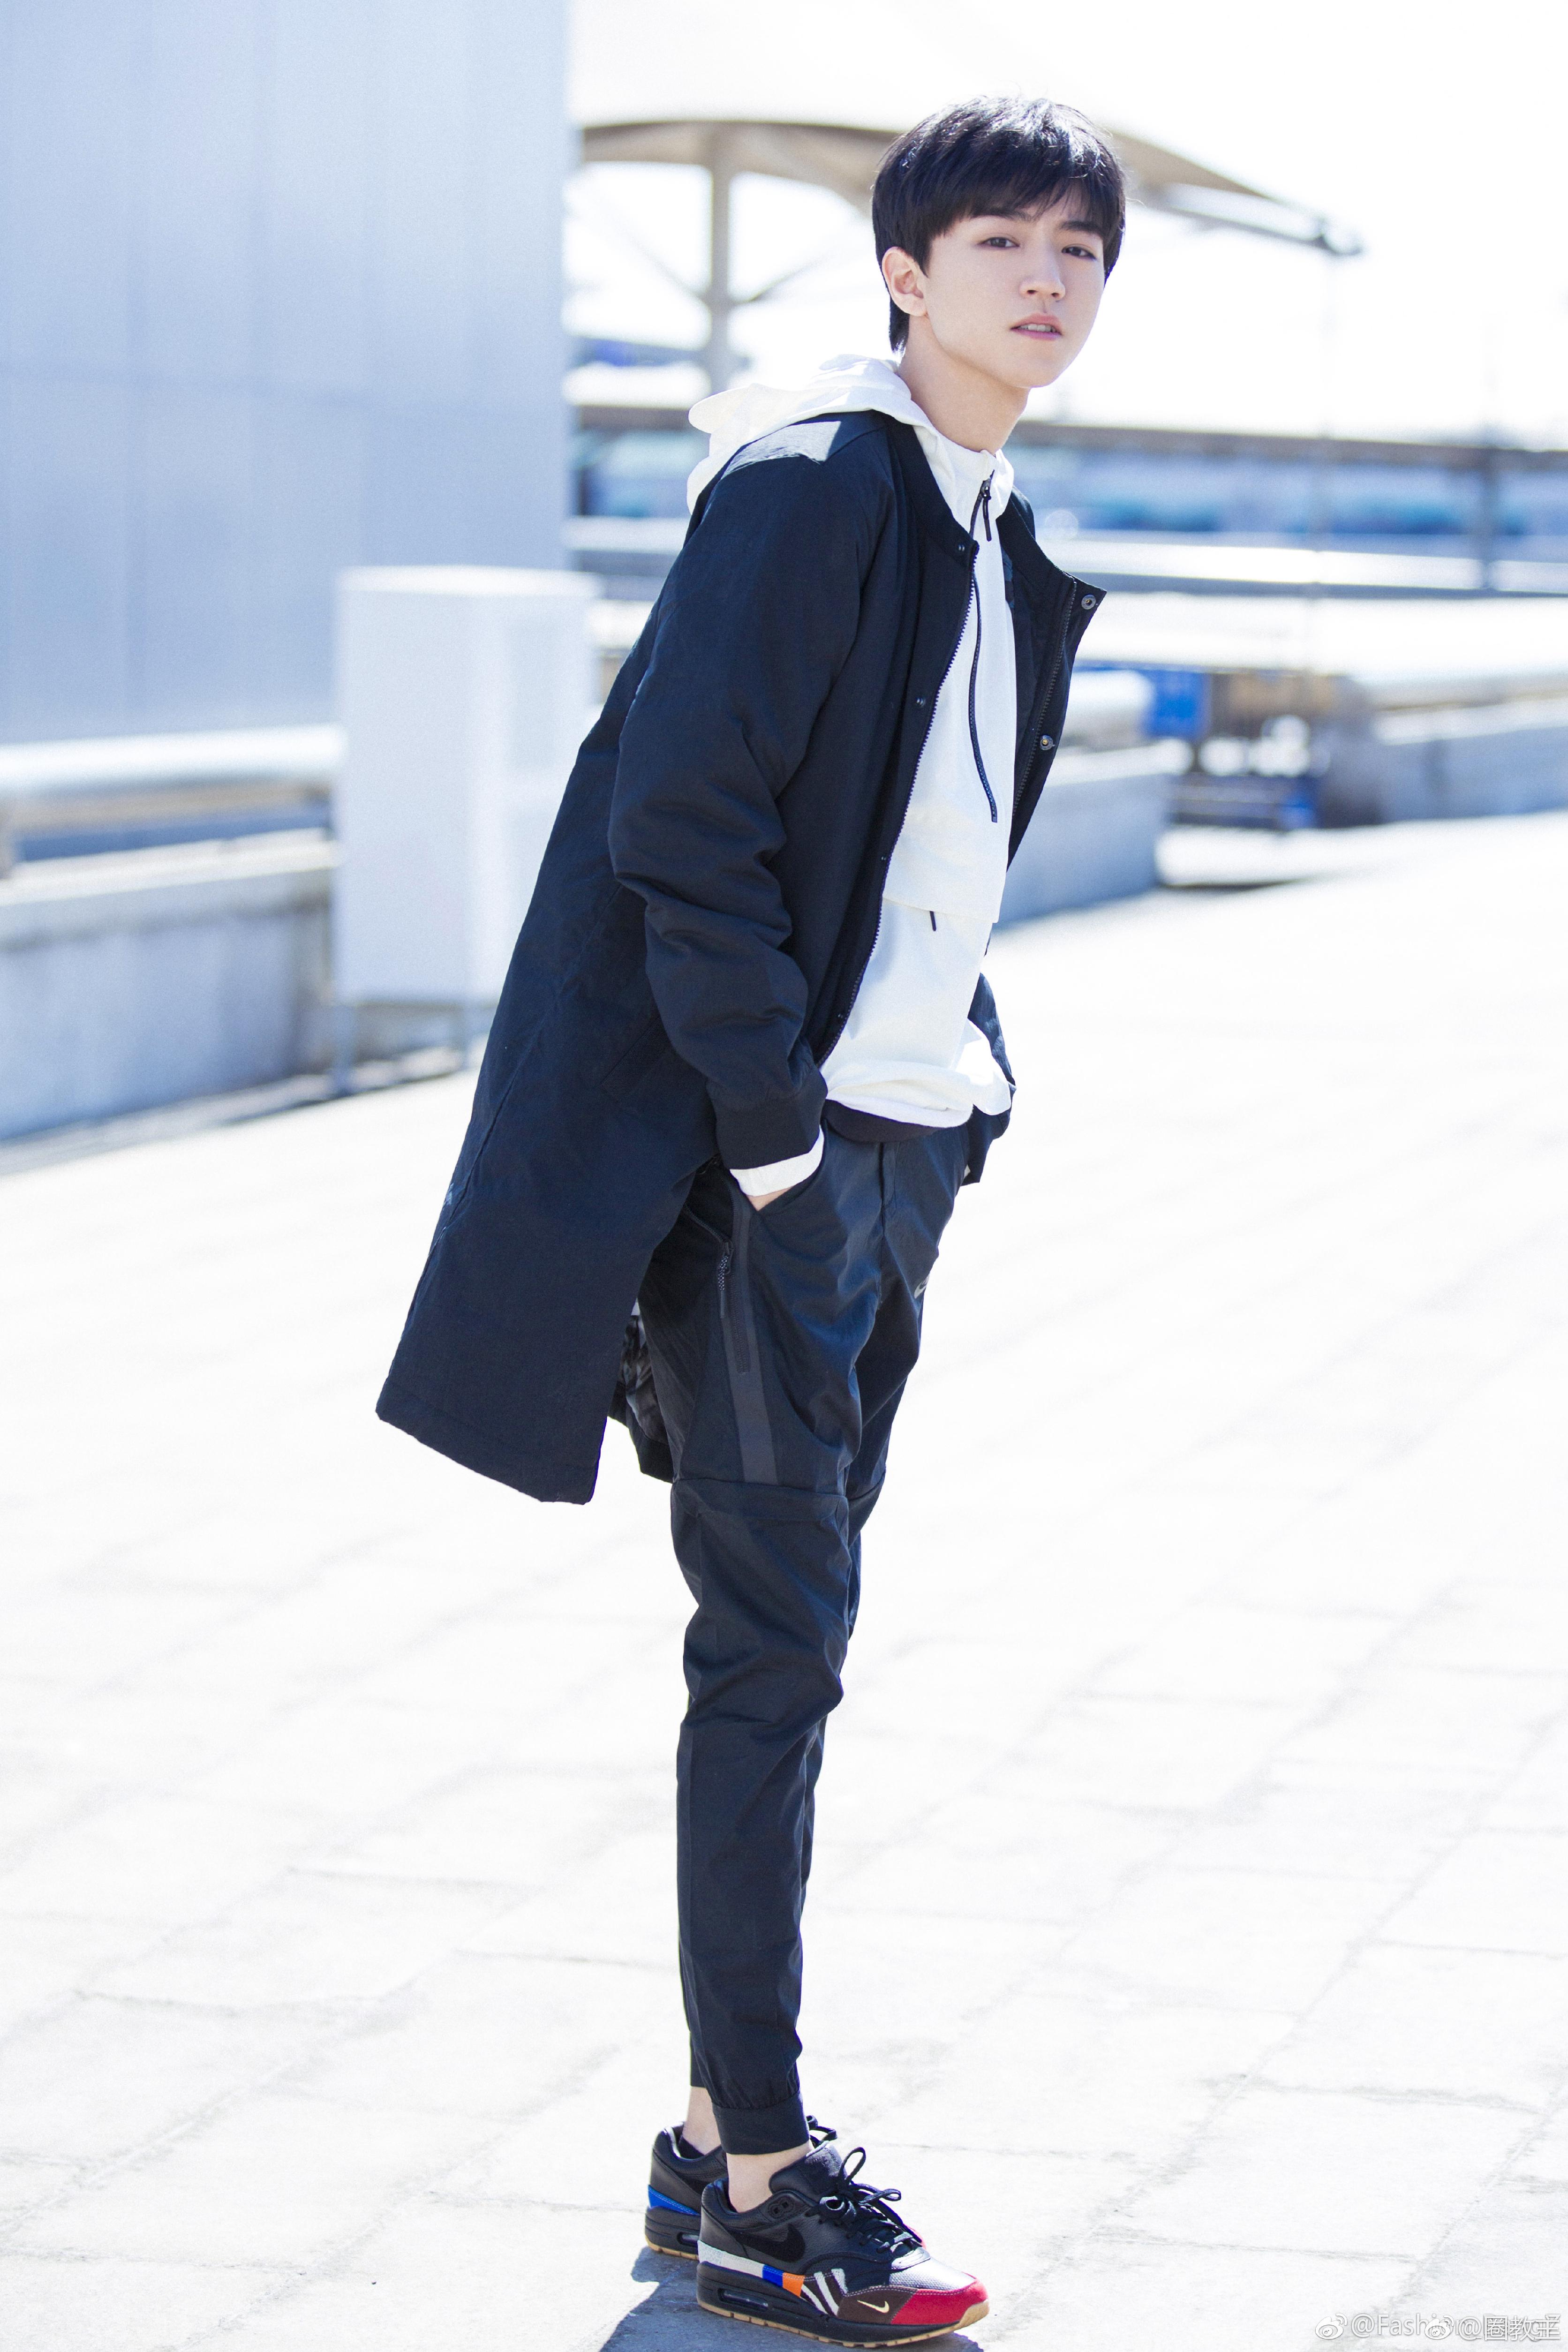 王俊凯身穿nike air max 1 master鞋履亮相机场,动身前往美国图片